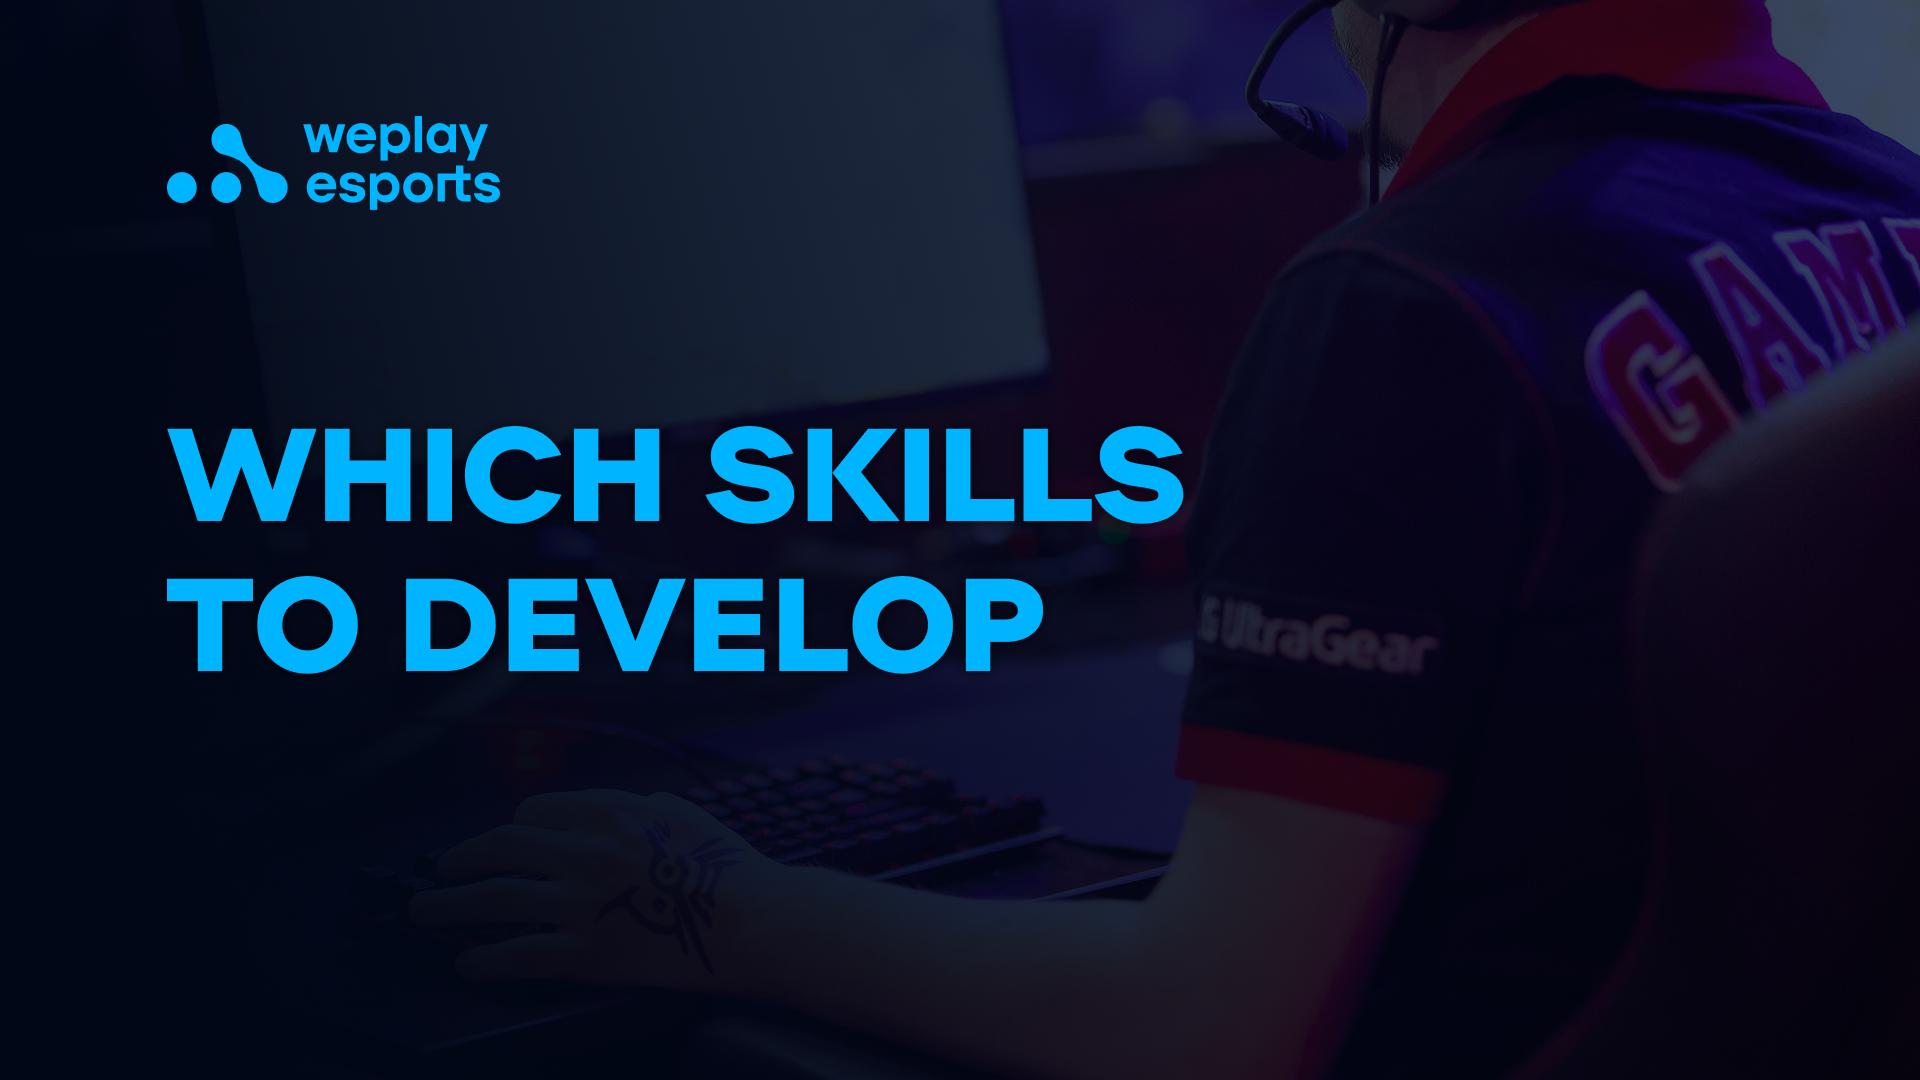 Which skills to develop